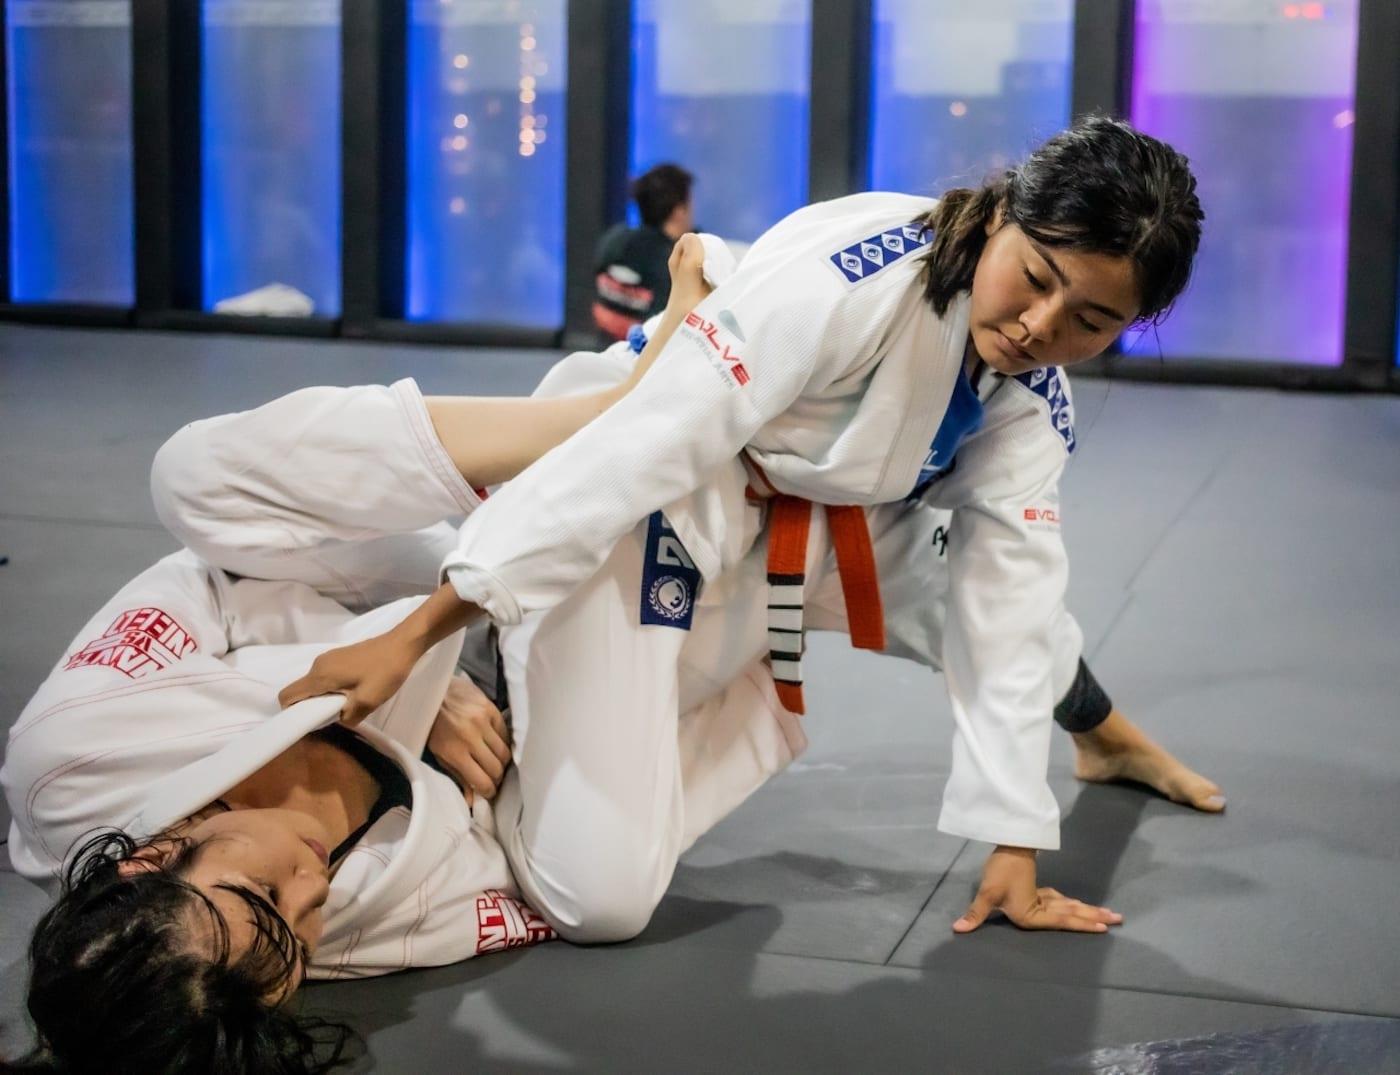 Get to know 14-year-old Brazilian Jiu-Jitsu World Champion Kamila Khalyksovet